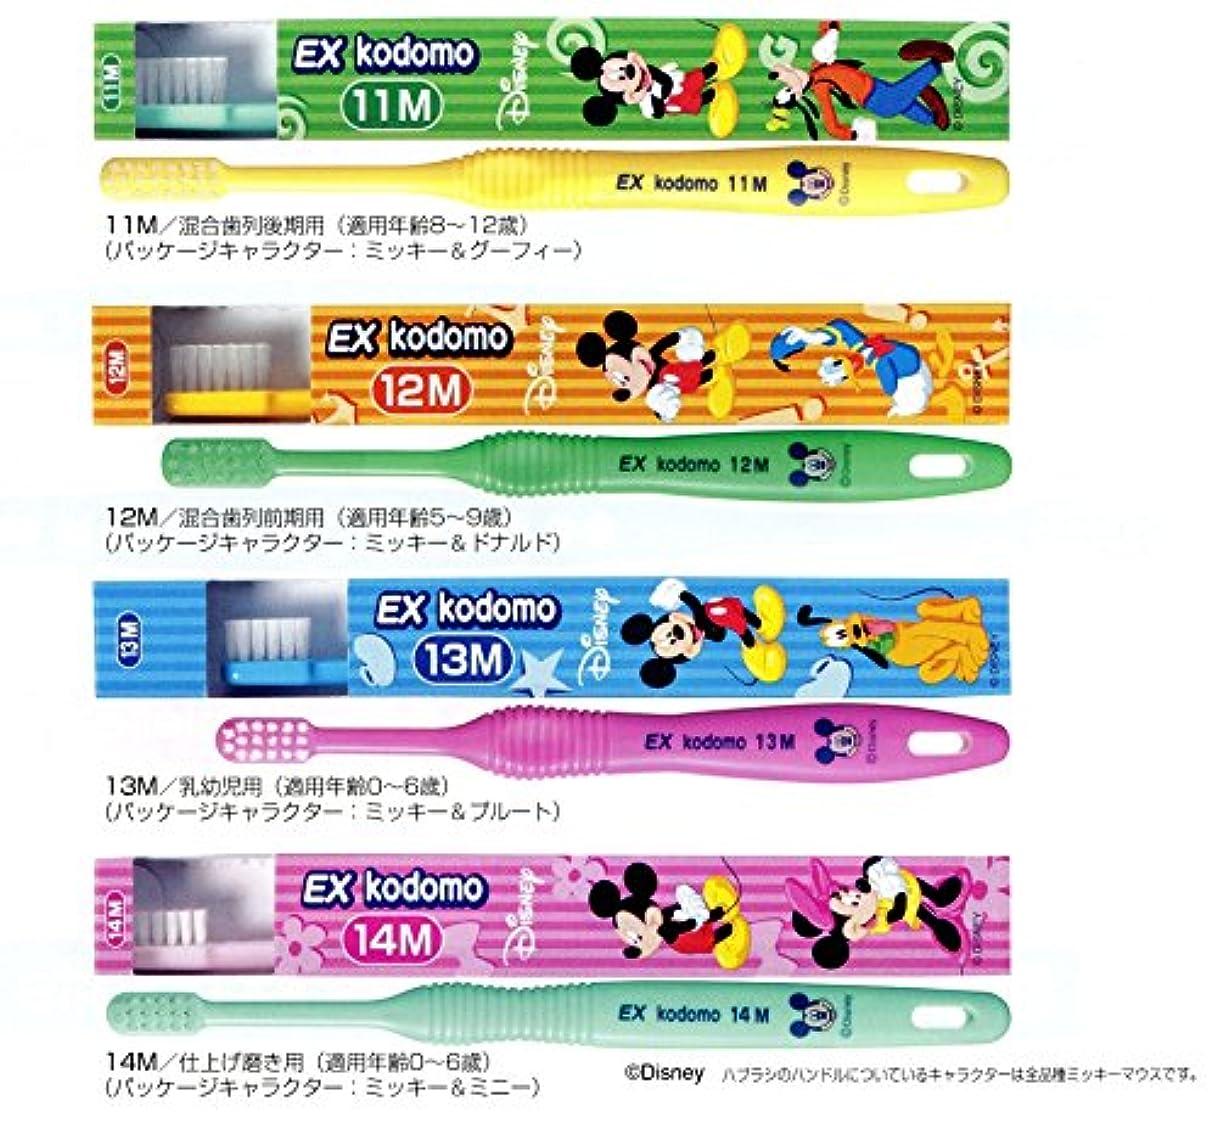 牛しかしくるみライオン コドモ ディズニー DENT.EX kodomo Disney 1本 14M グリーン (仕上げ磨き用?0?6歳)